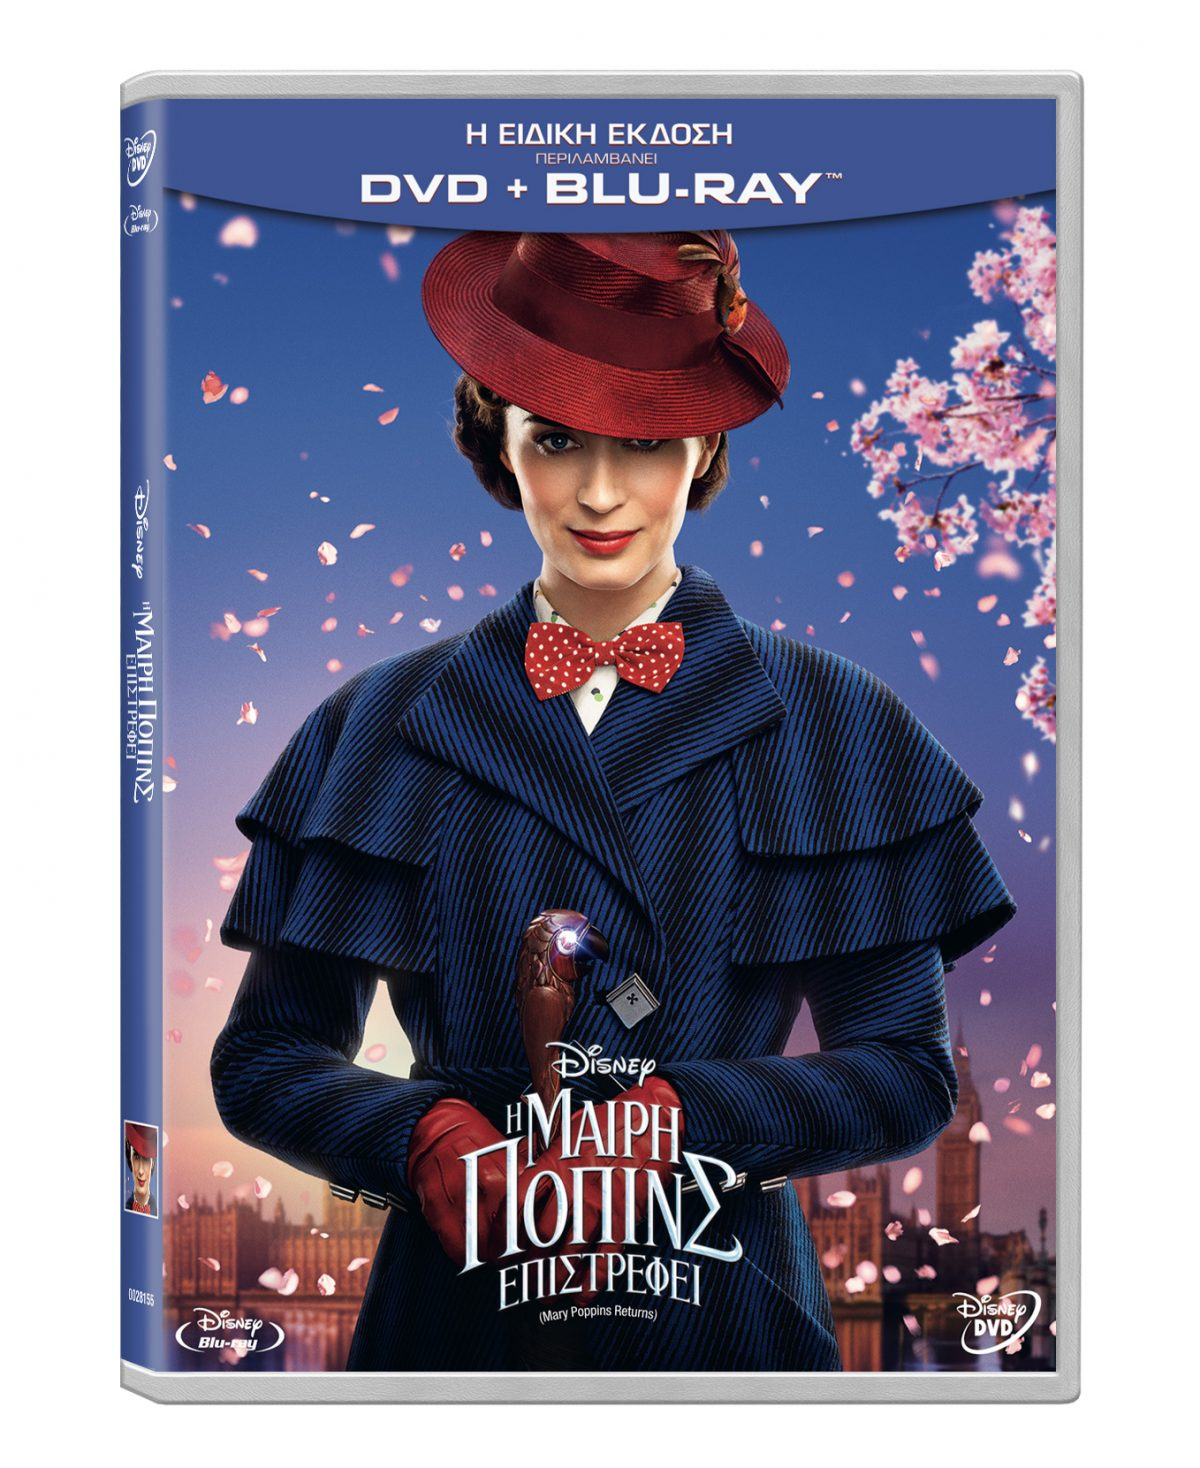 Η ΜΑΙΡΗ ΠΟΠΙΝΣ ΕΠΙΣΤΡΕΦΕΙ Κυκλοφορεί σε DVD, BLU-RAY & combo DVD +  BLU-RAY